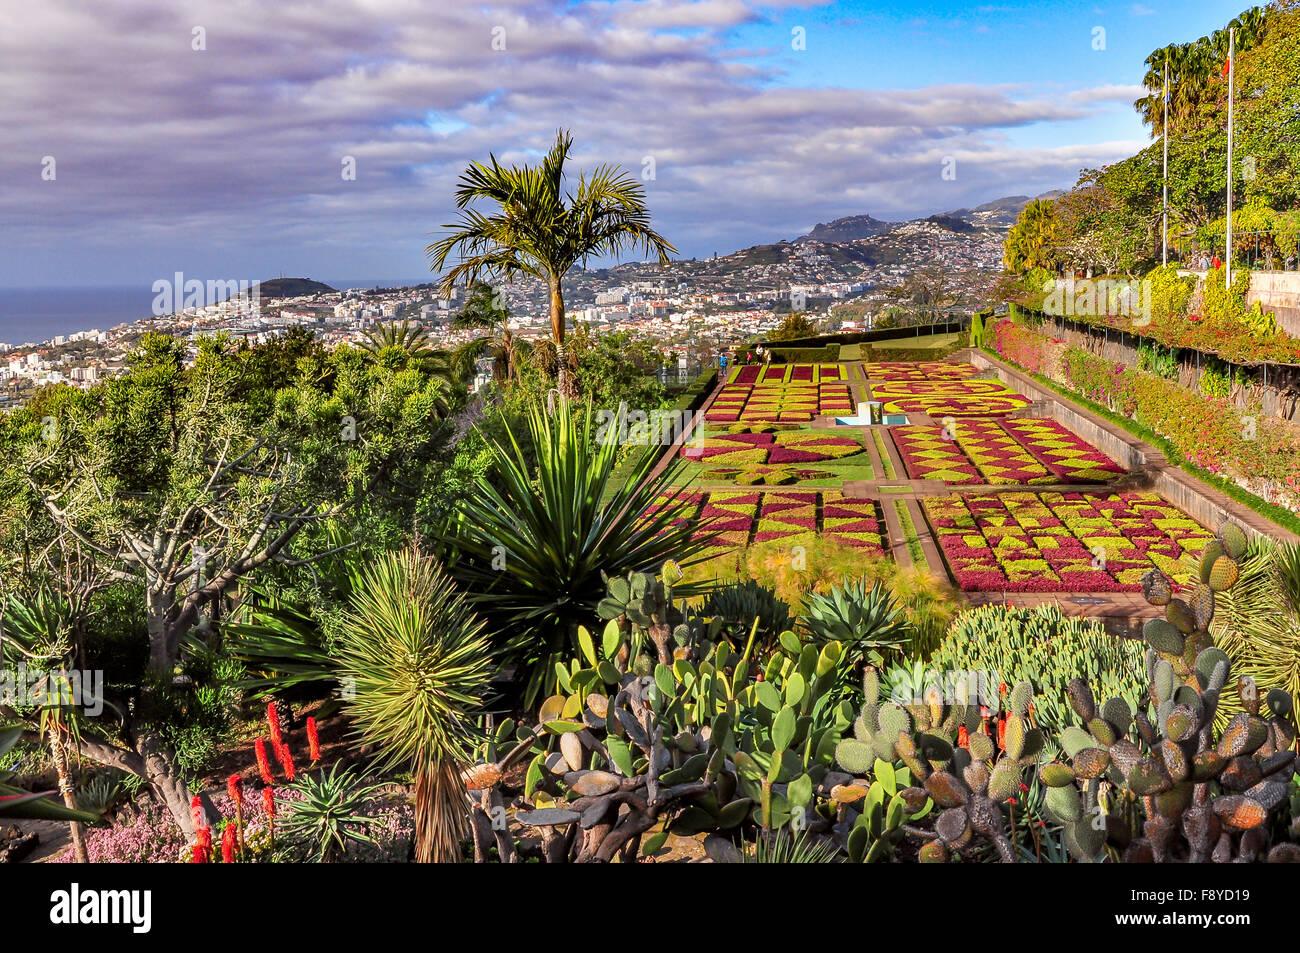 Jardin botanique de Funchal et vue panoramique de la ville sur une journée nuageuse, Madeira, Portugal Photo Stock